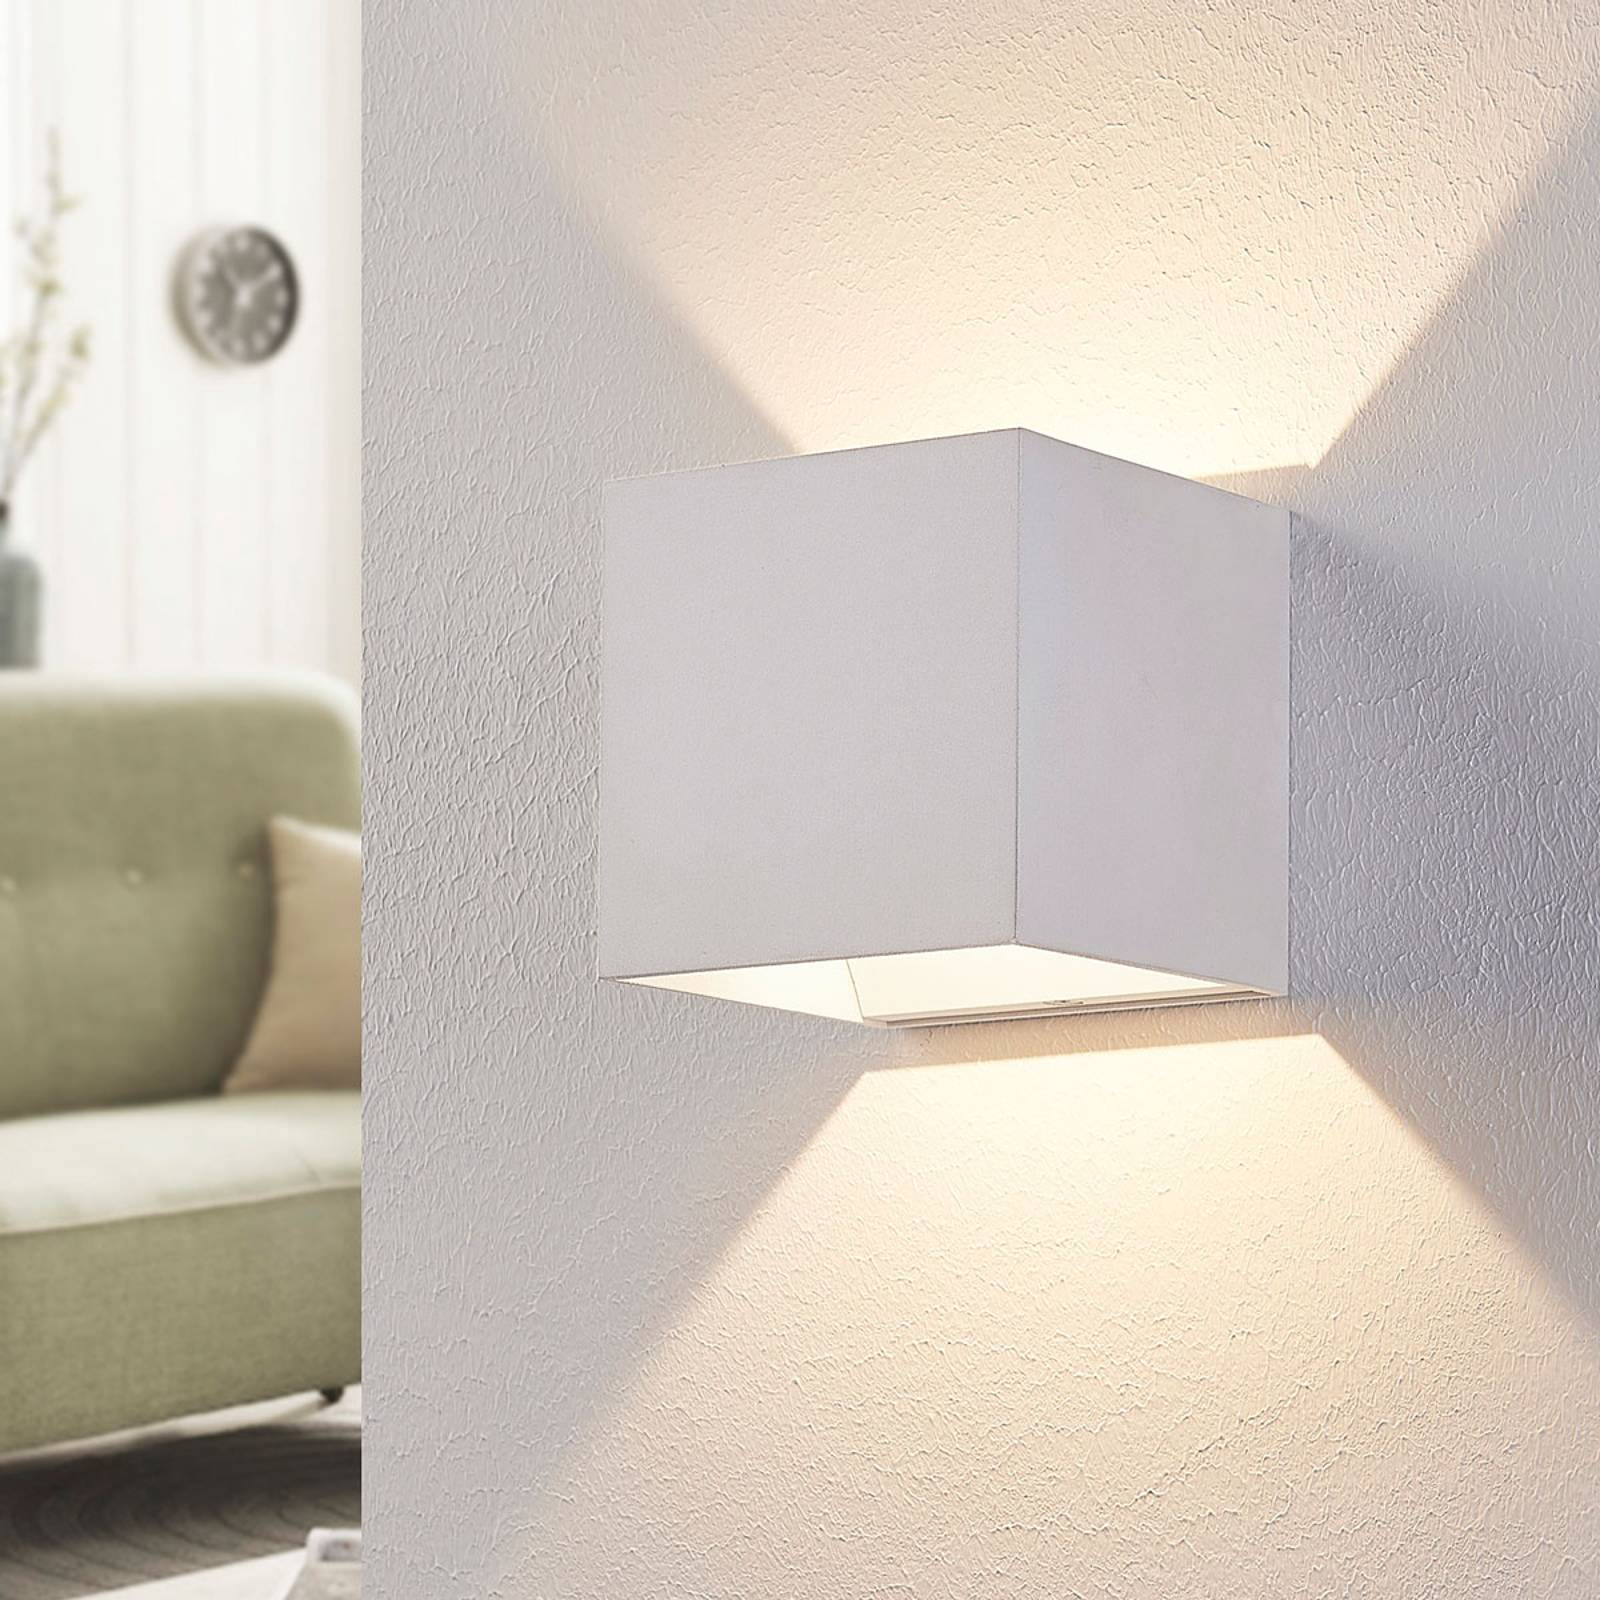 Witte LED wandlamp Esma in kubusvorm